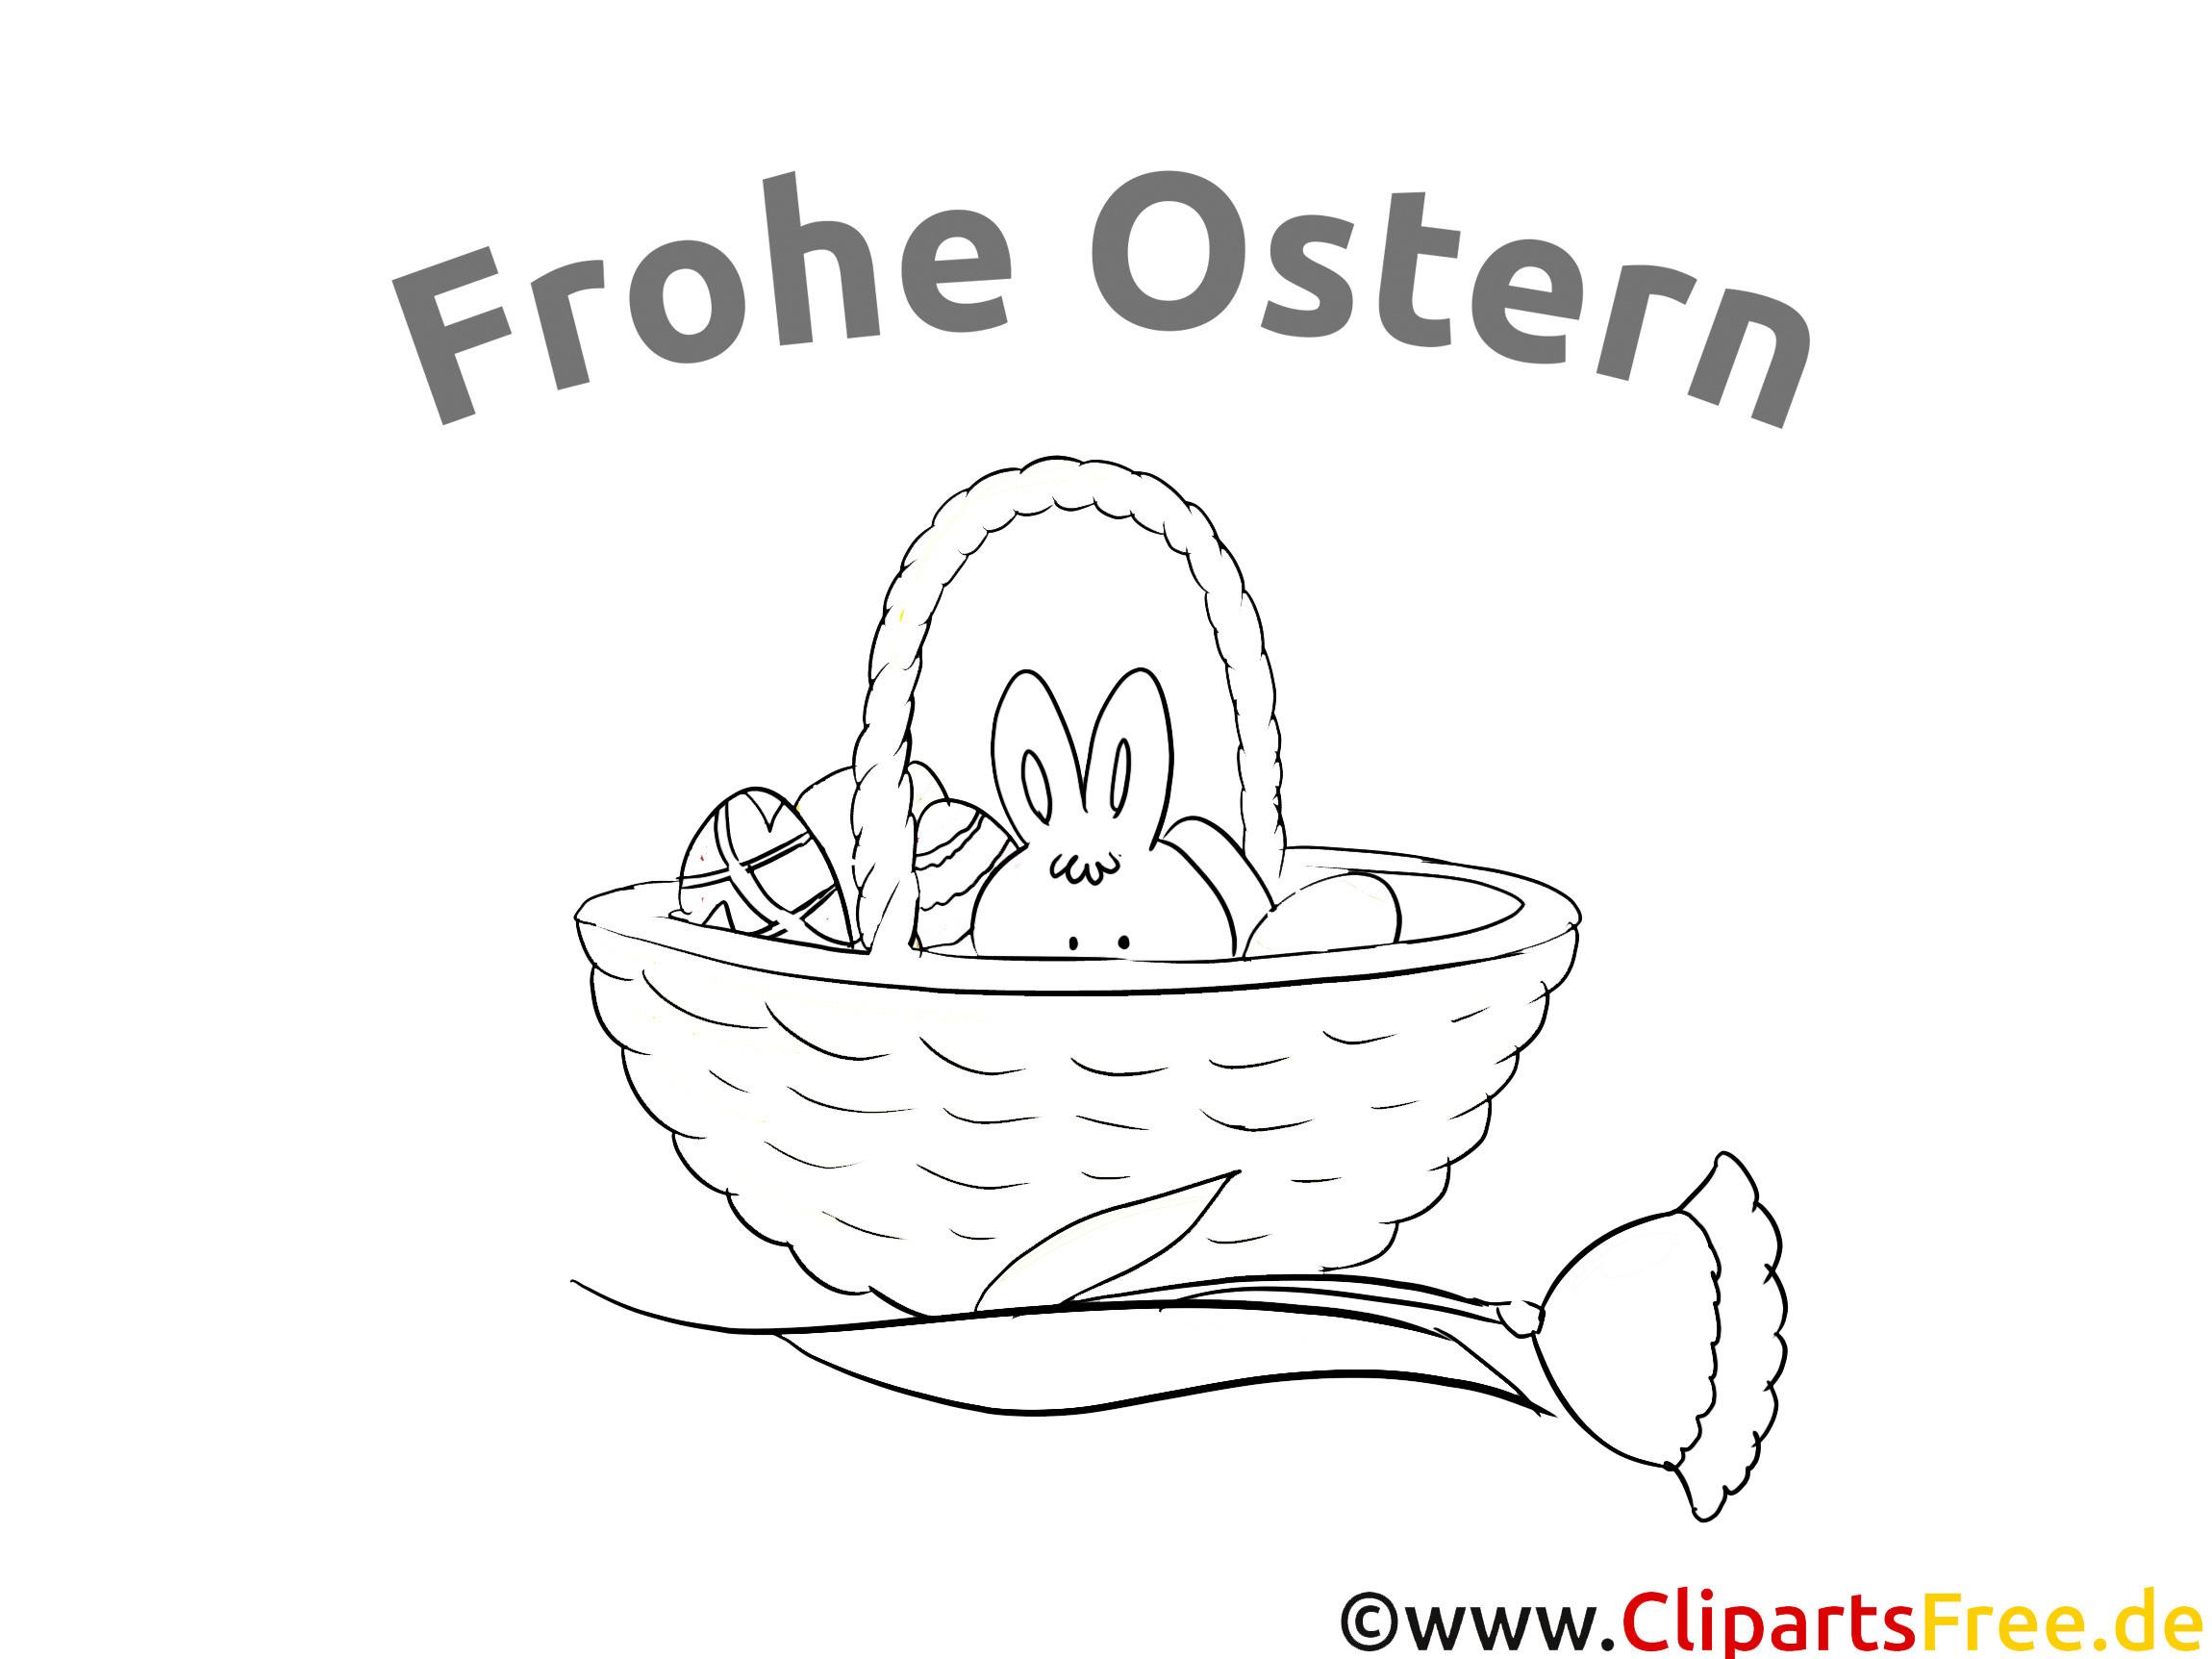 Ausmalbilder Frohe Ostern Inspirierend Ostern Malvorlagen Kostenlos Zum Ausdrucken Elegant Malvorlagen Galerie